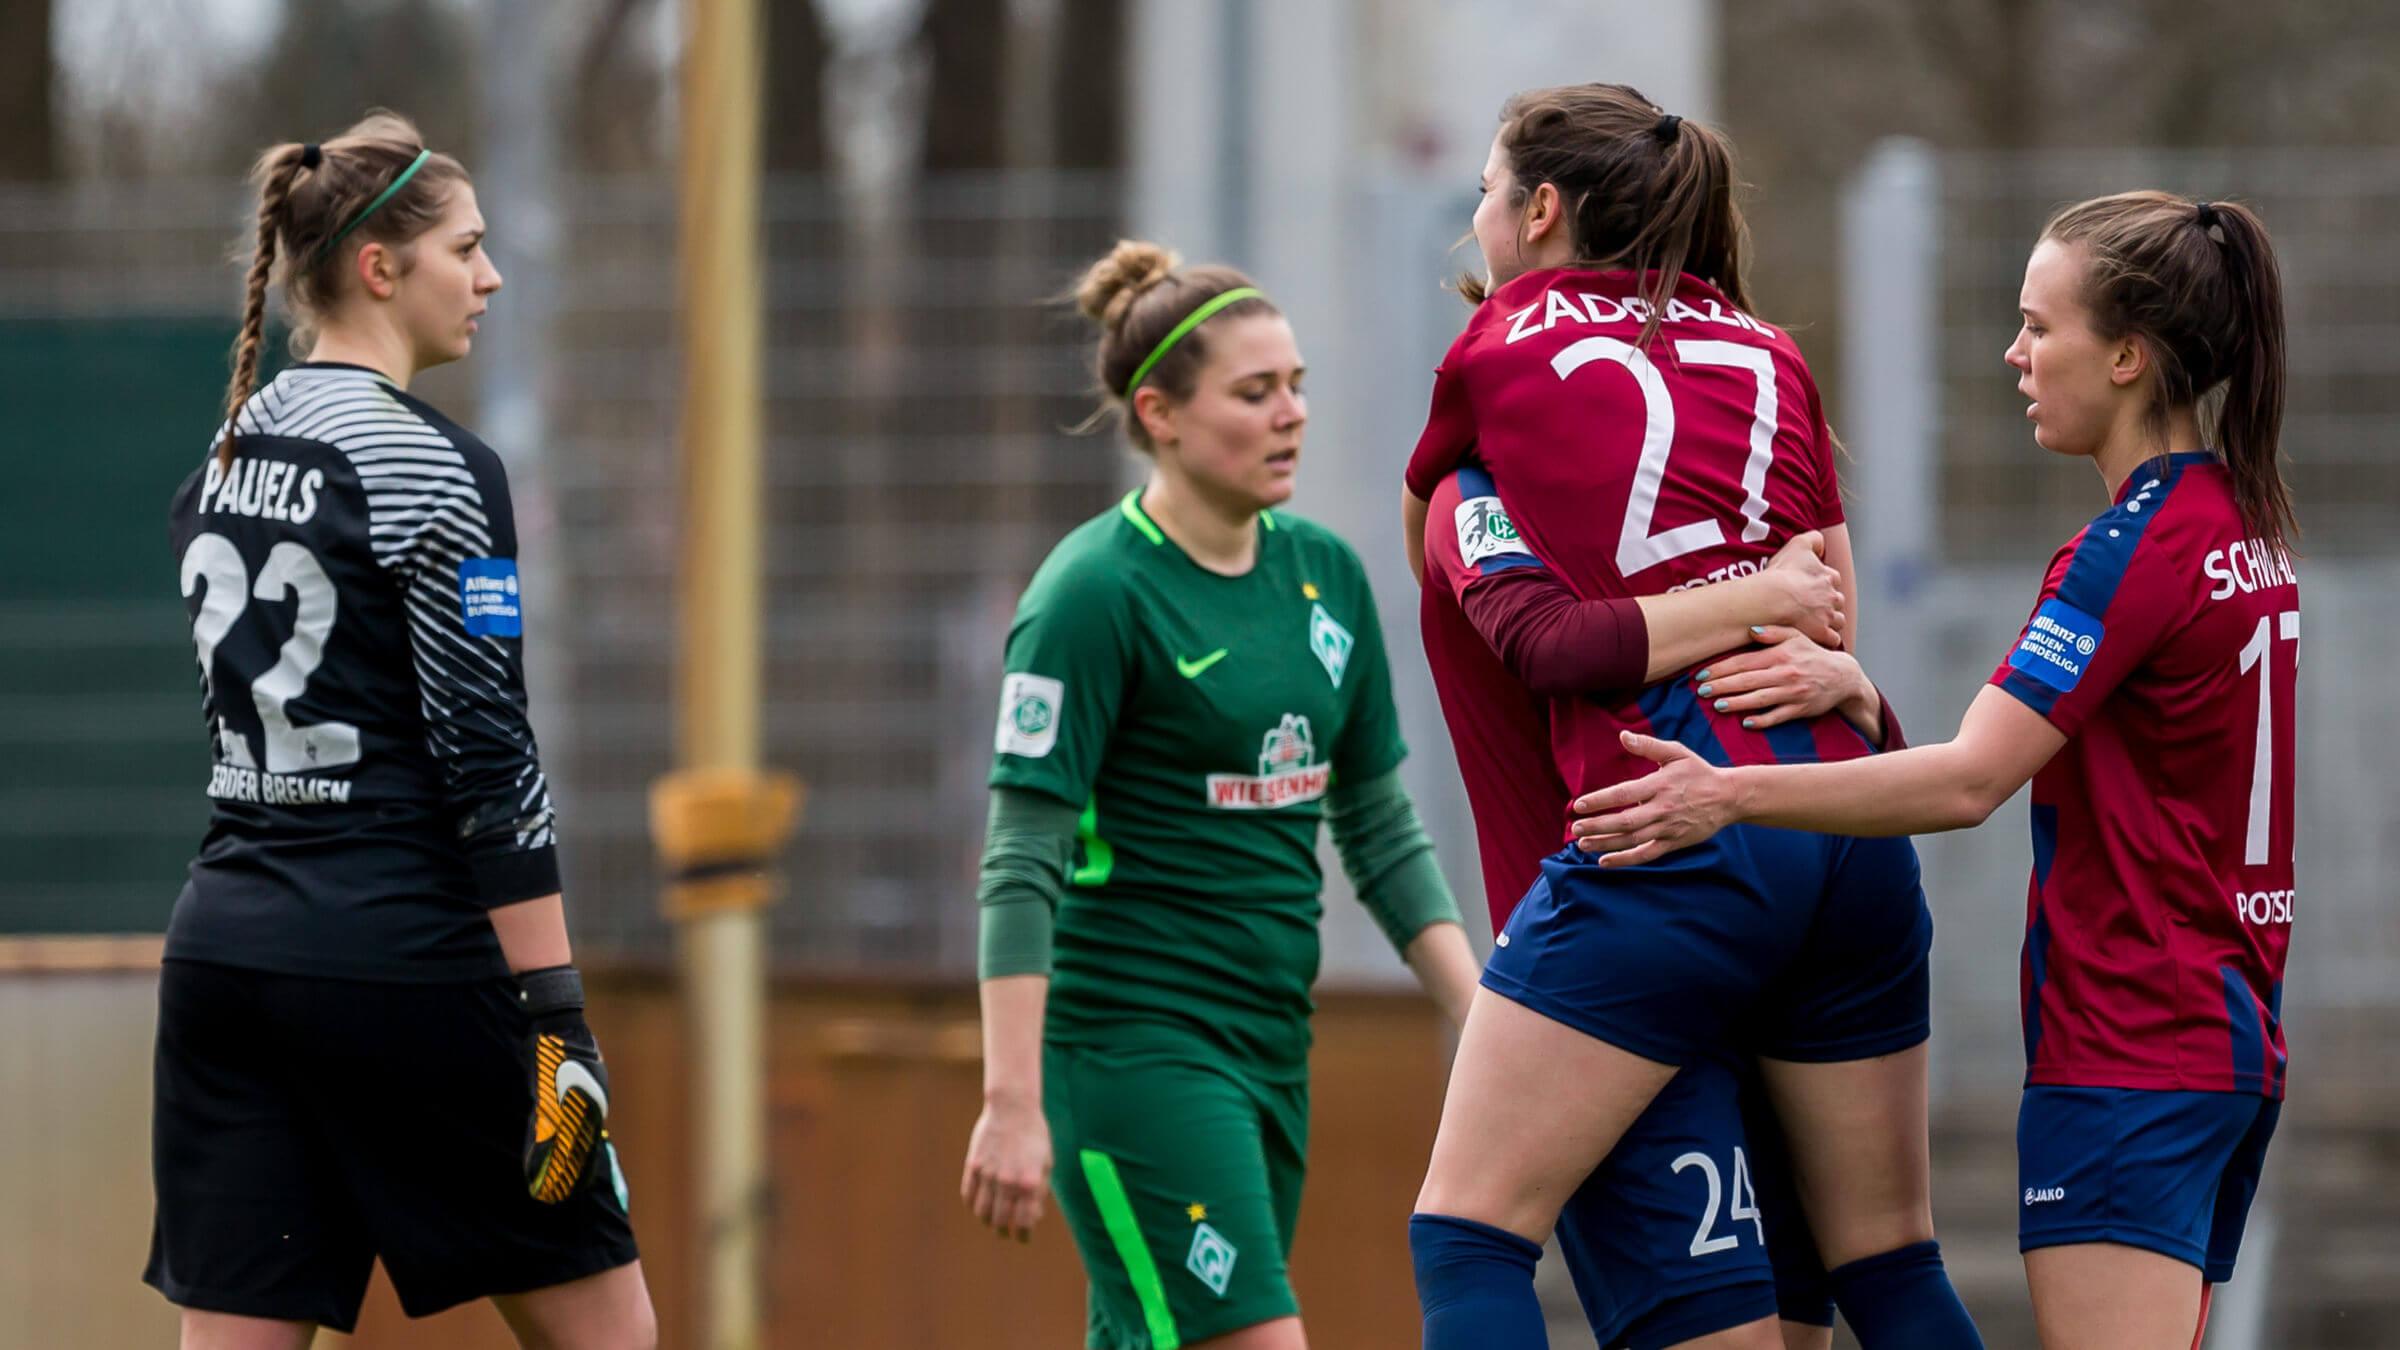 Auswärtssieg 15 Beim Sv Werder Bremen 1 Ffc Turbine Potsdam